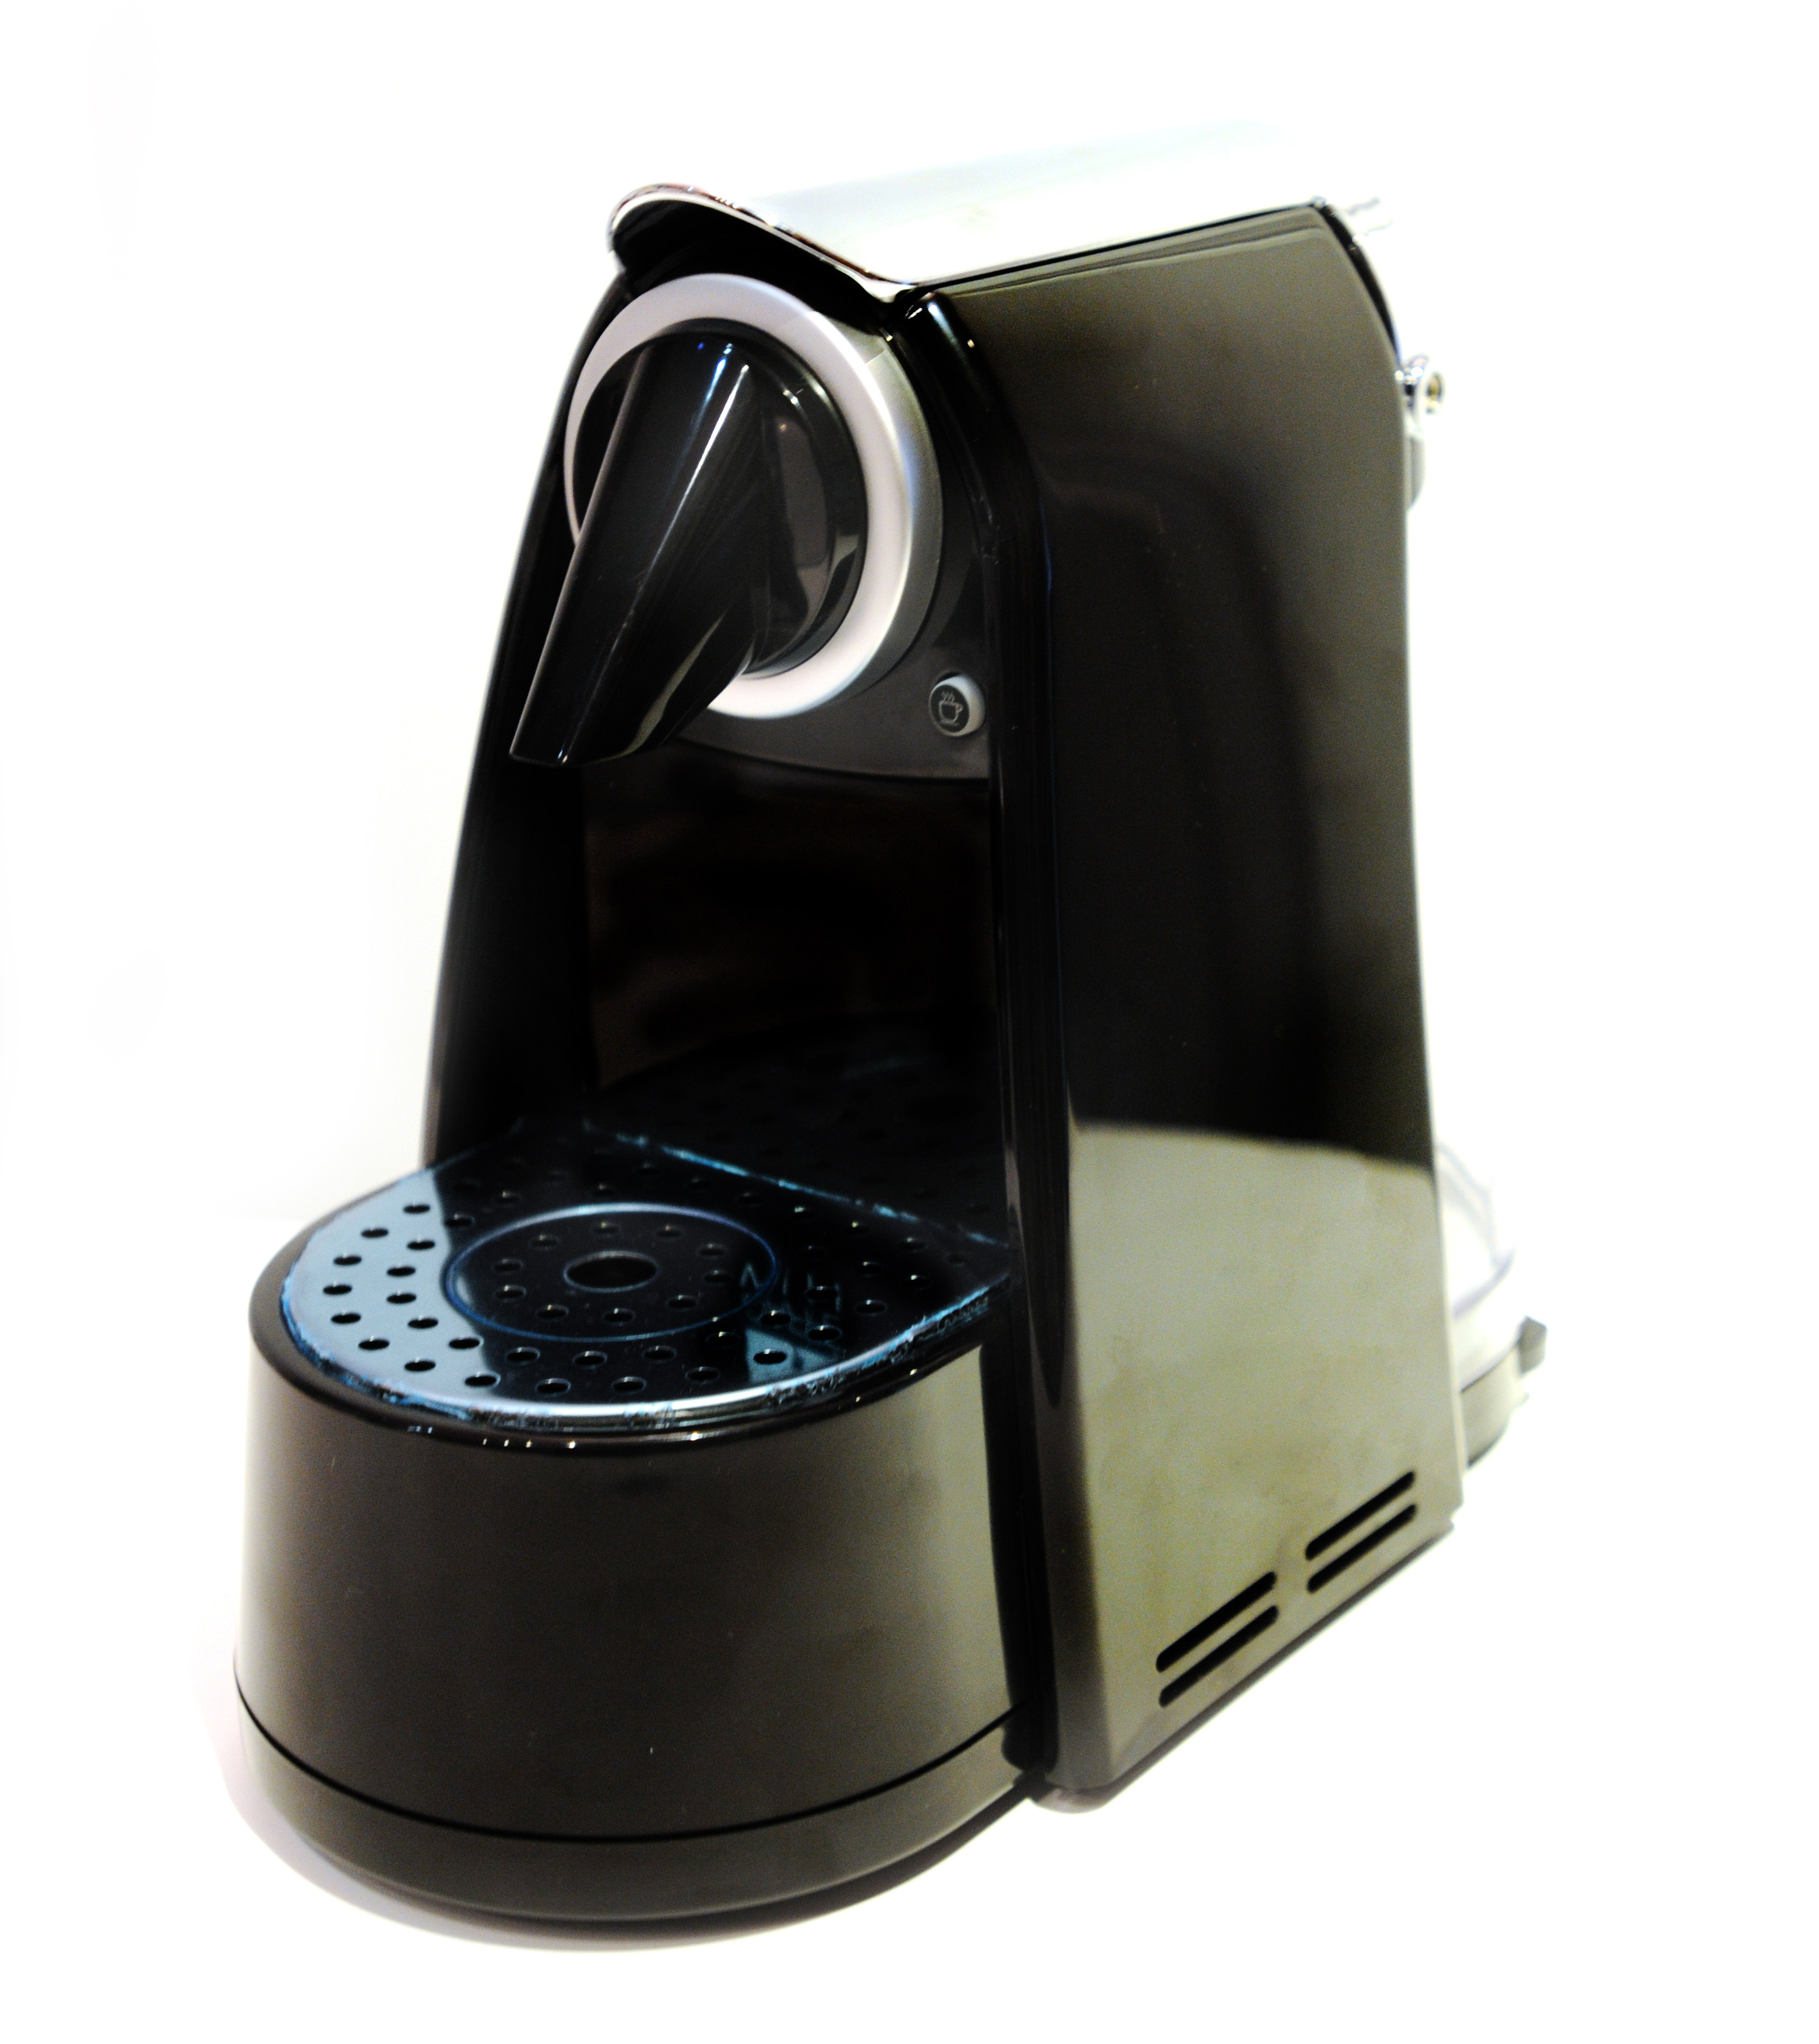 Macchina per Capsule Clone Nespresso Nera